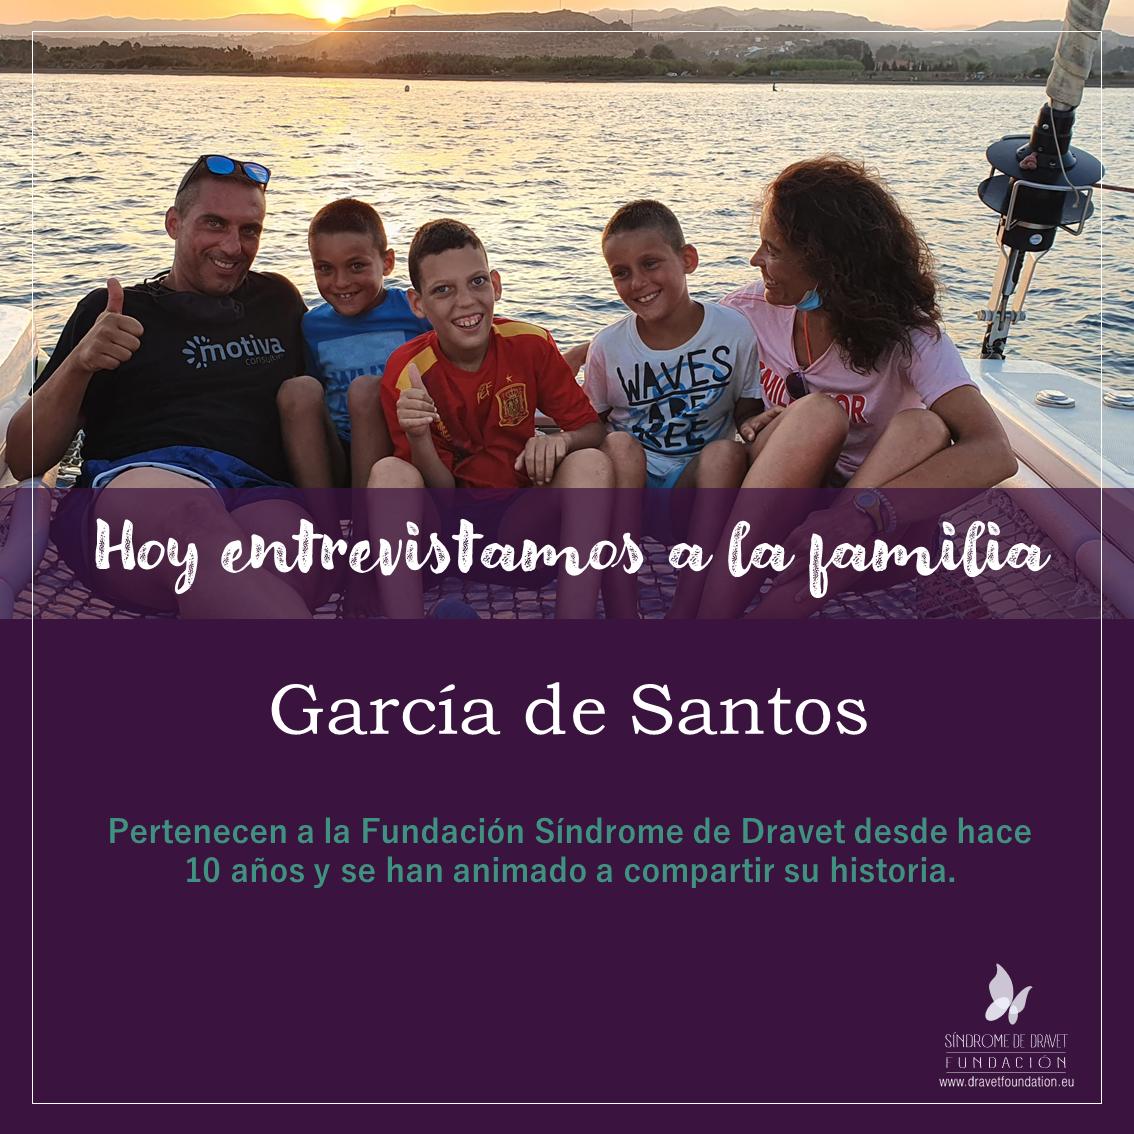 Entrevistamos a la familia García de Santos